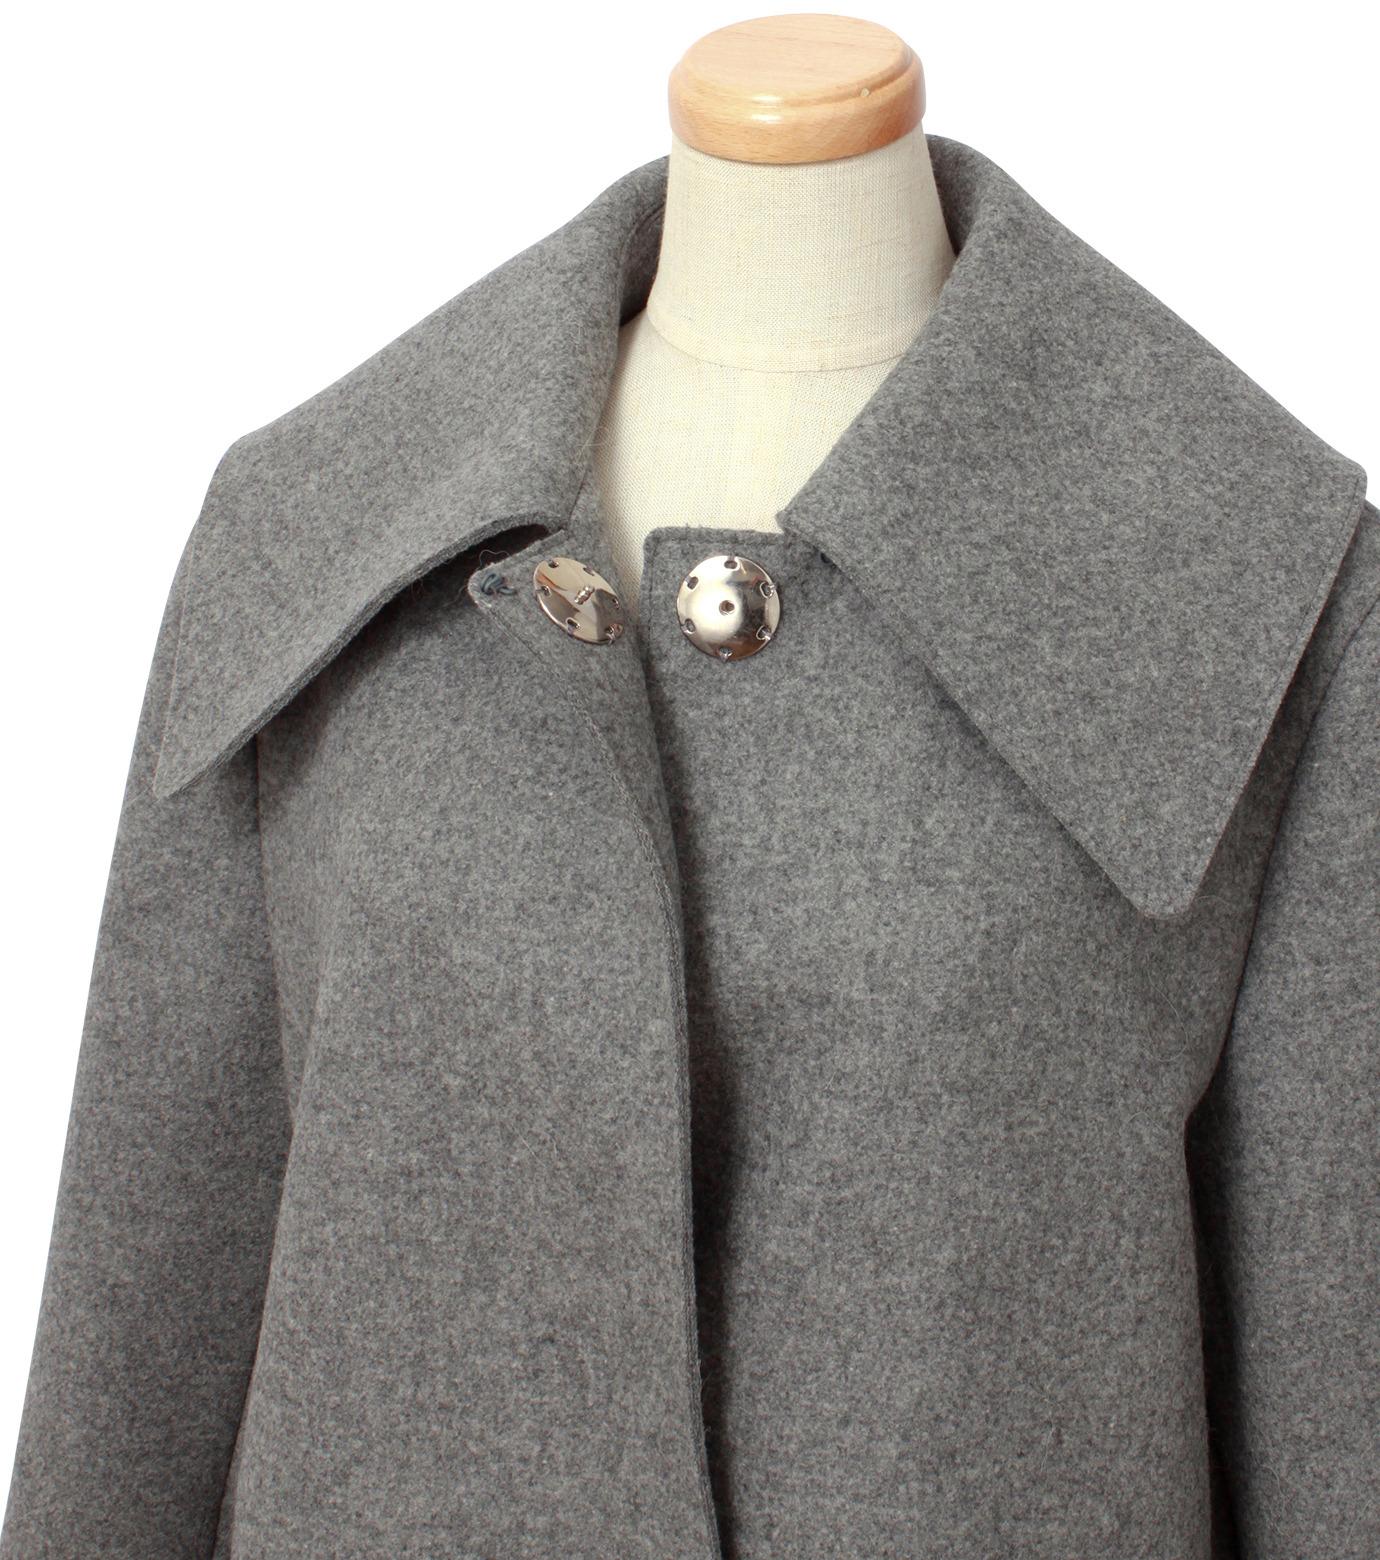 IRENE(アイレネ)のベルスリーブトレンチコート-GRAY(コート/coat)-18A89004 拡大詳細画像4